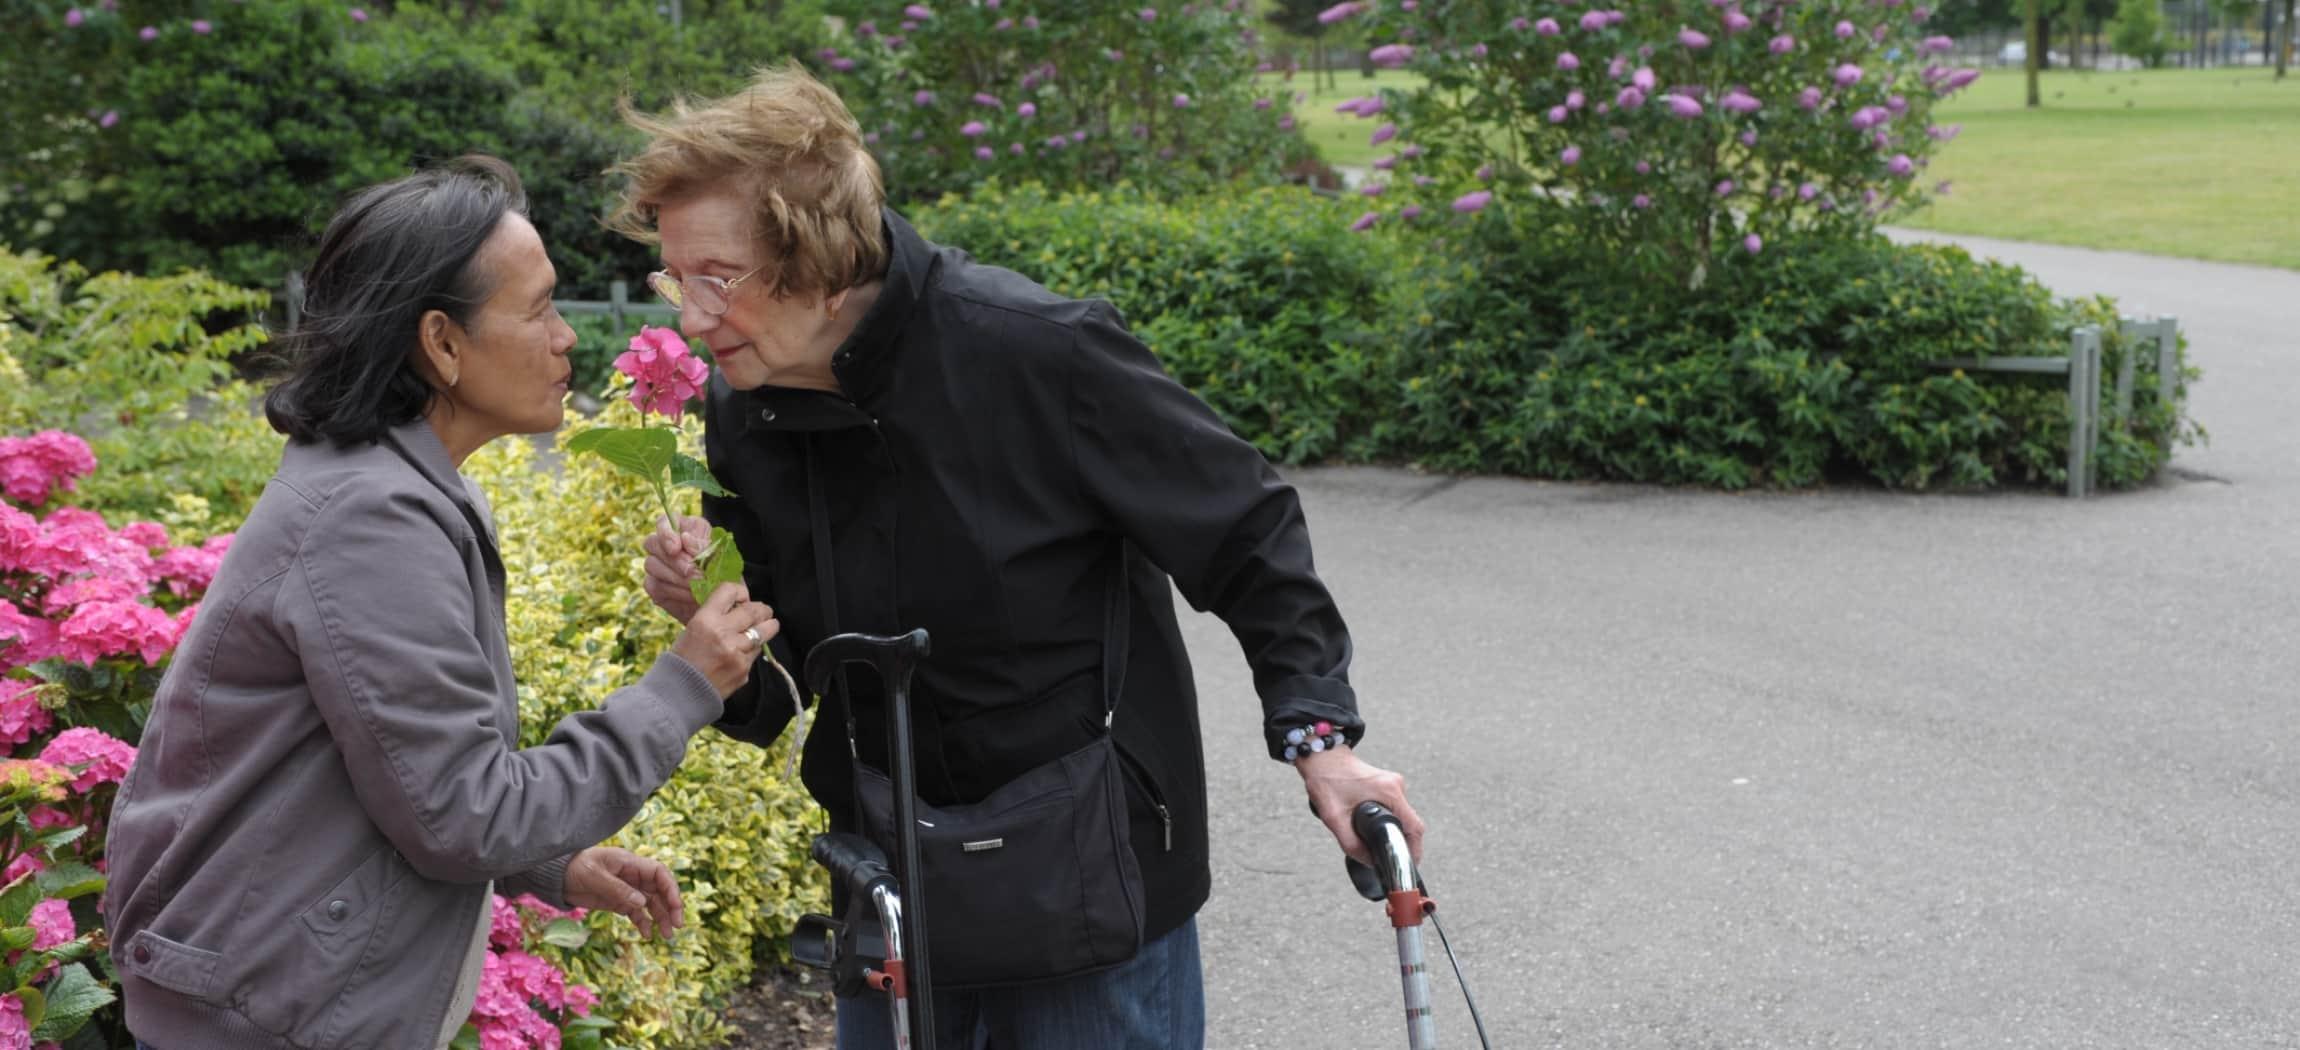 Vrouw met rollator buiten in een park ruikt aan een bloem samen met andere vrouw